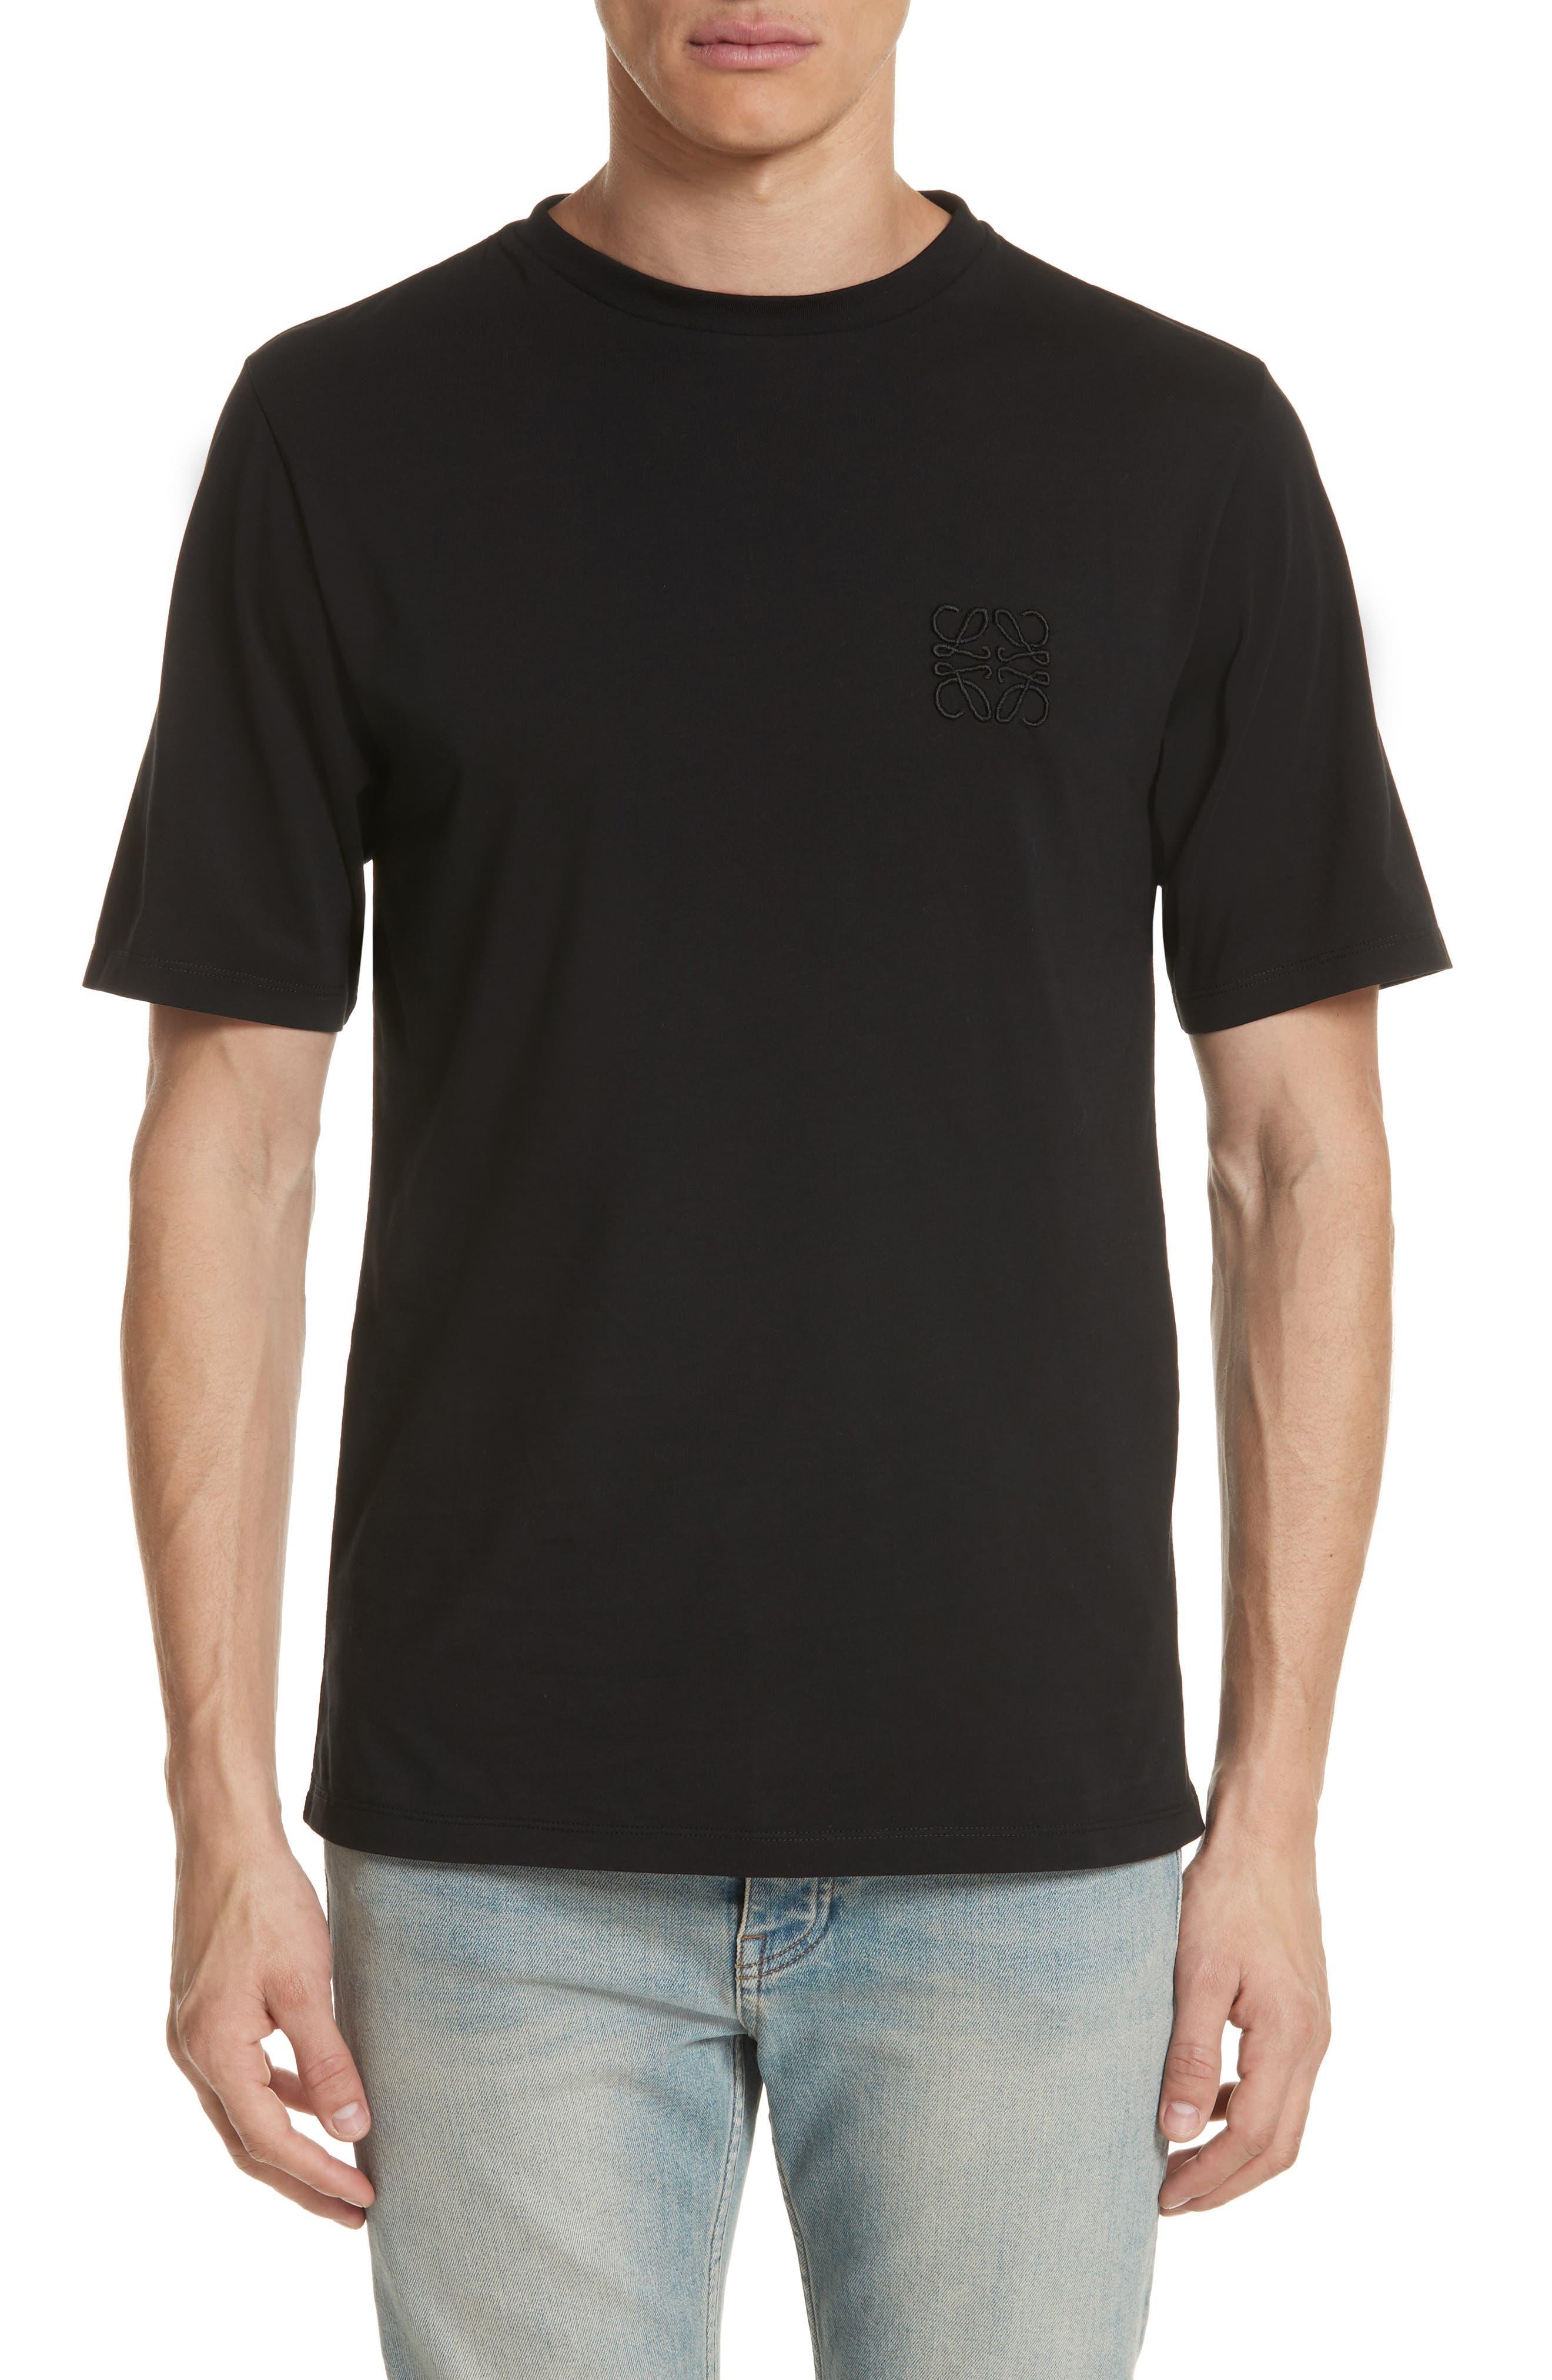 Loewe Anagram Logo T-Shirt